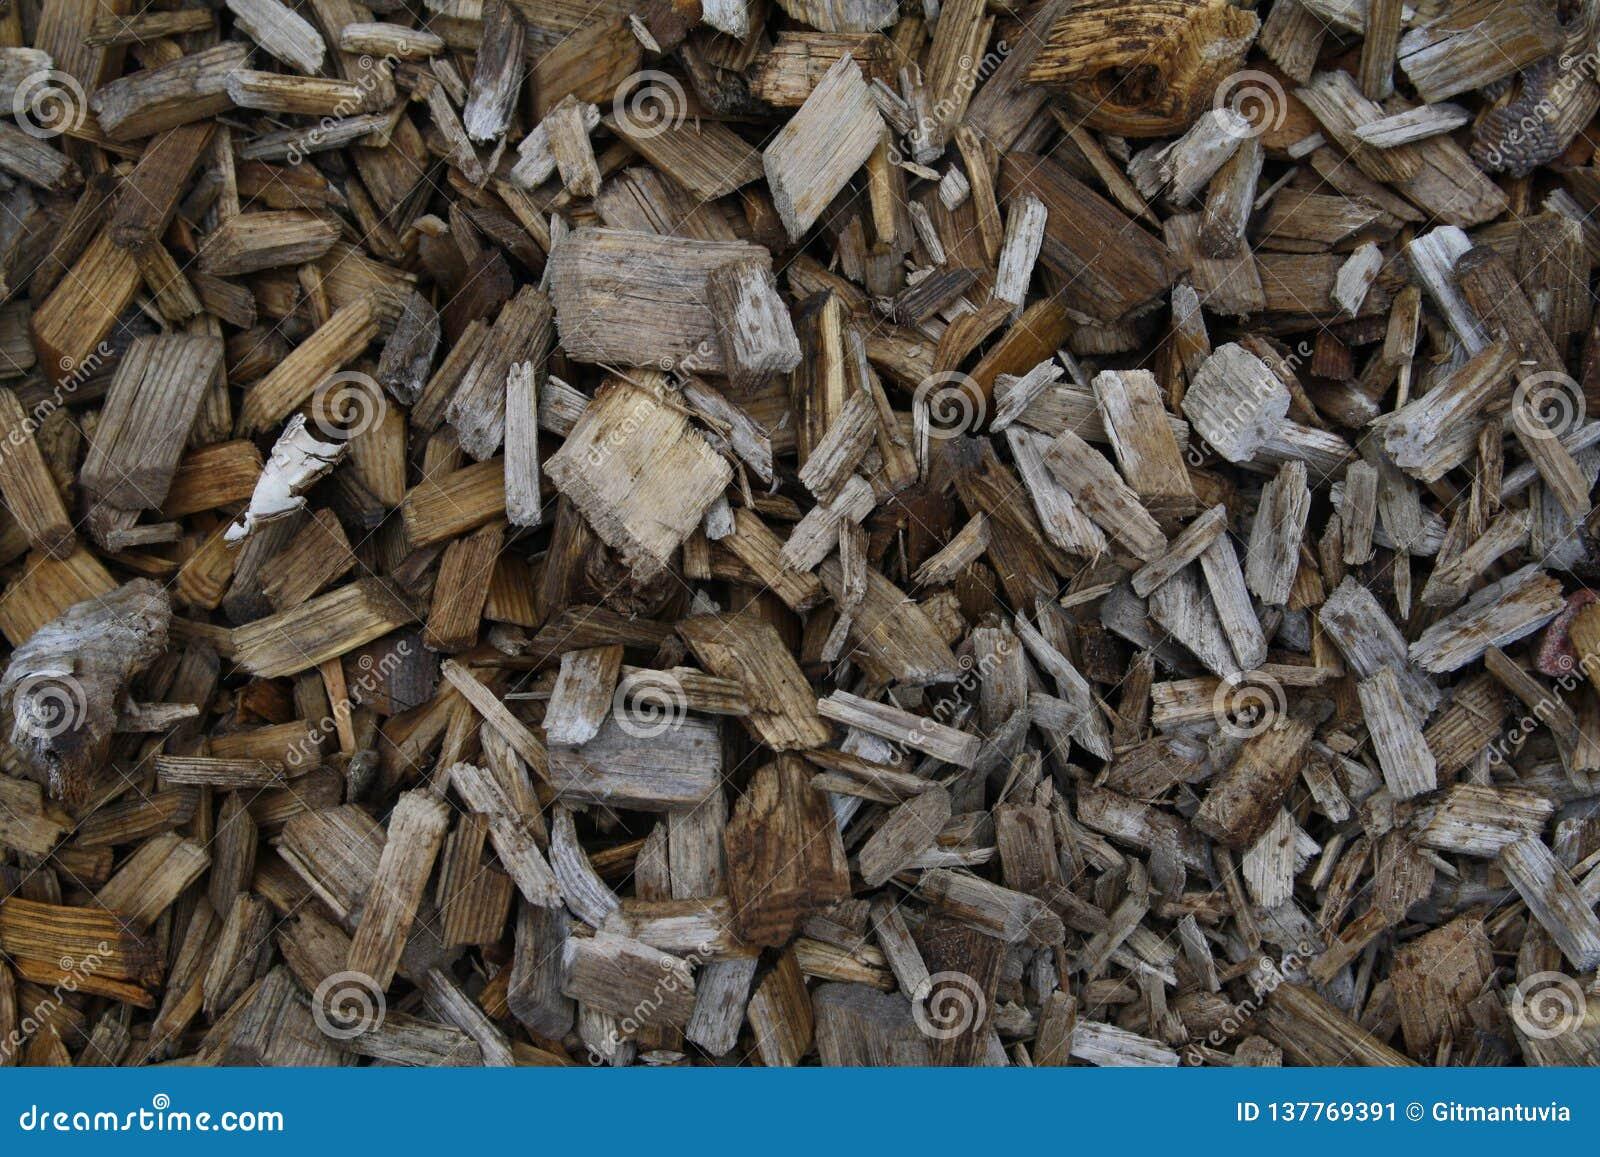 Pilas de pedazos de madera en Laponia Finlandia